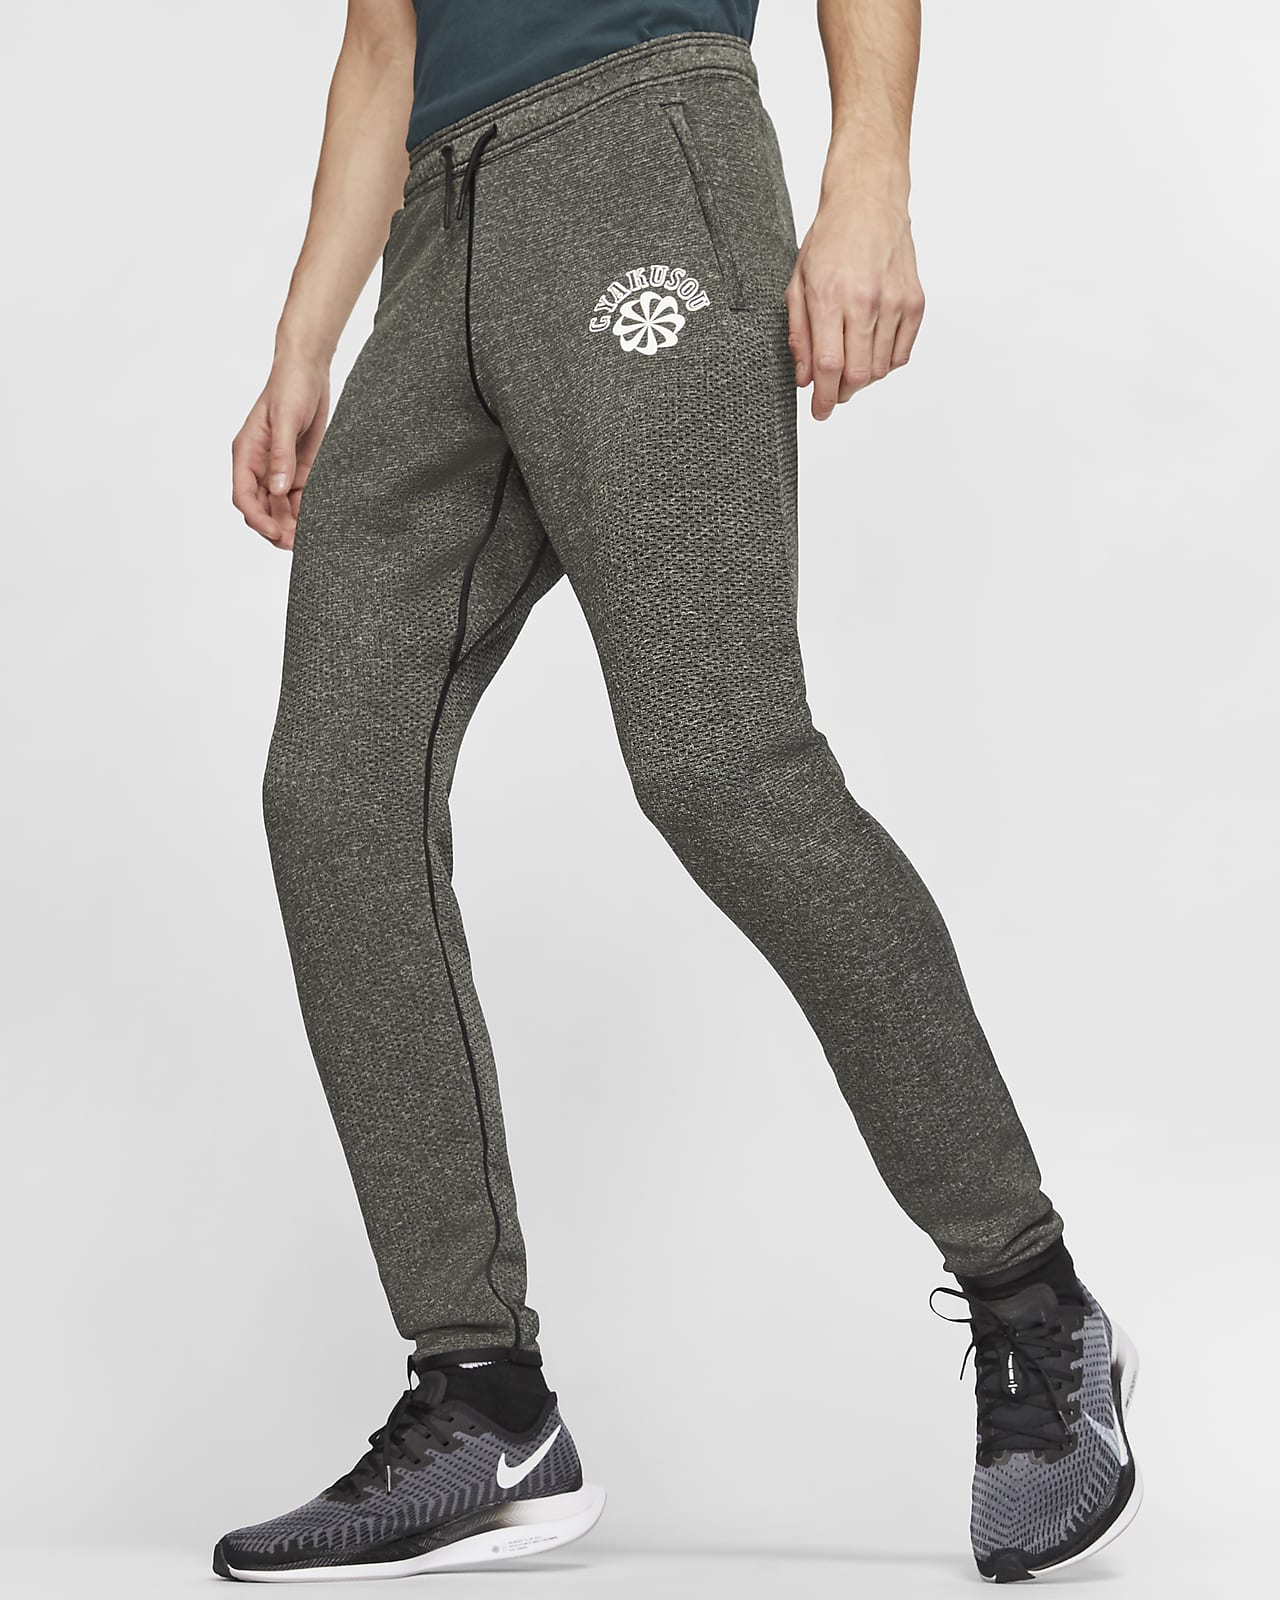 Nike x Gyakusou 男子针织长裤